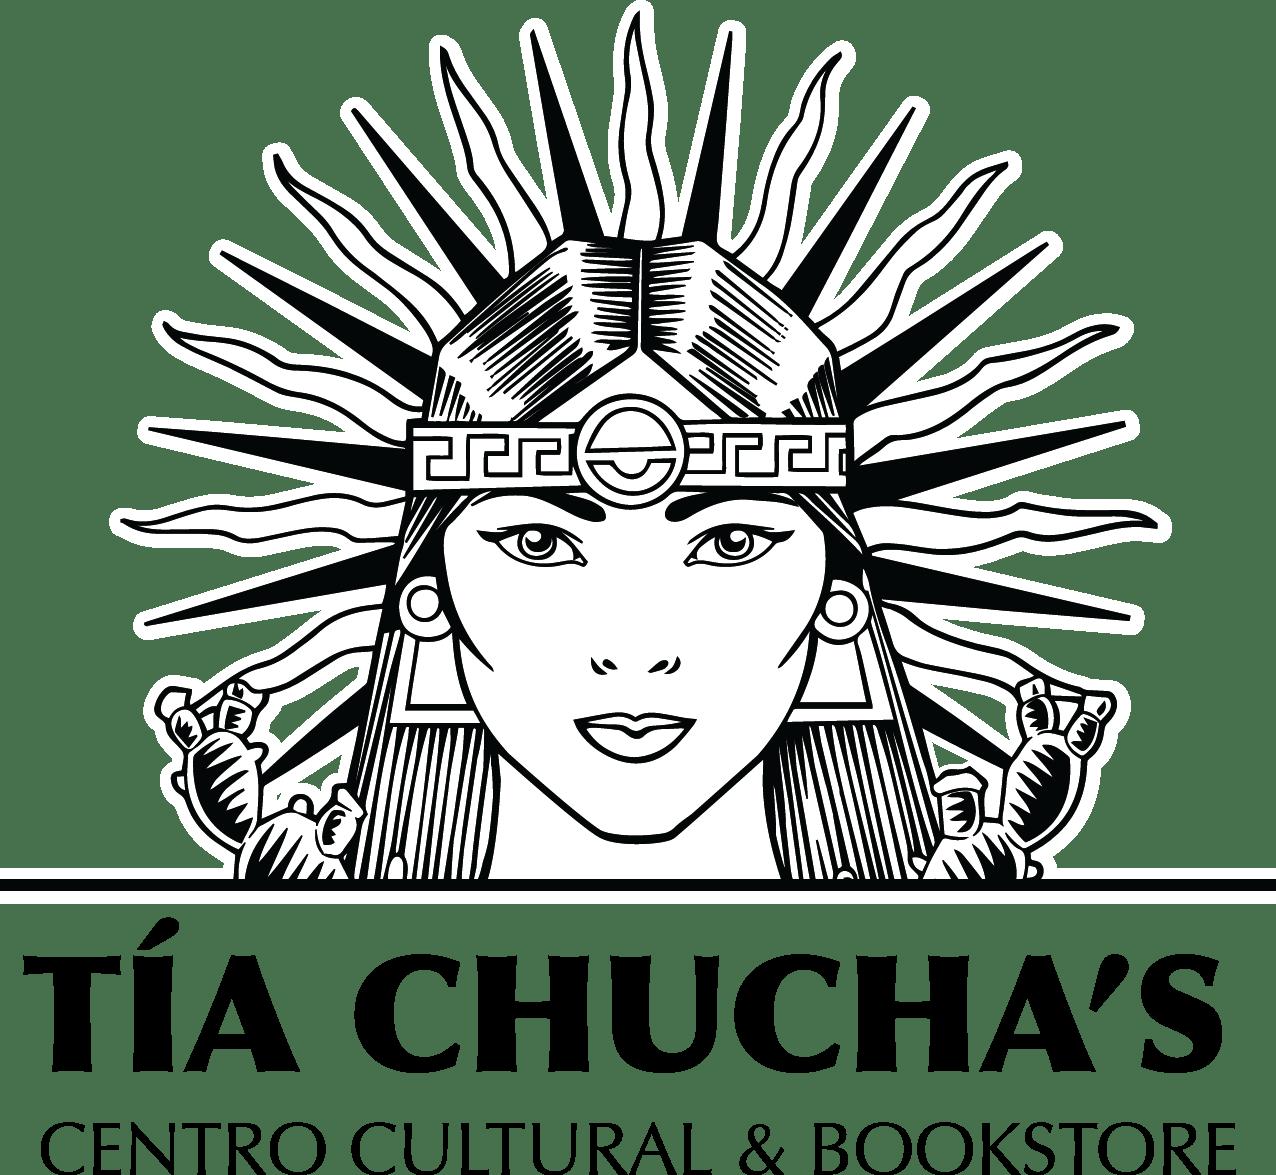 Tia Chucha's Centro Cultural.png